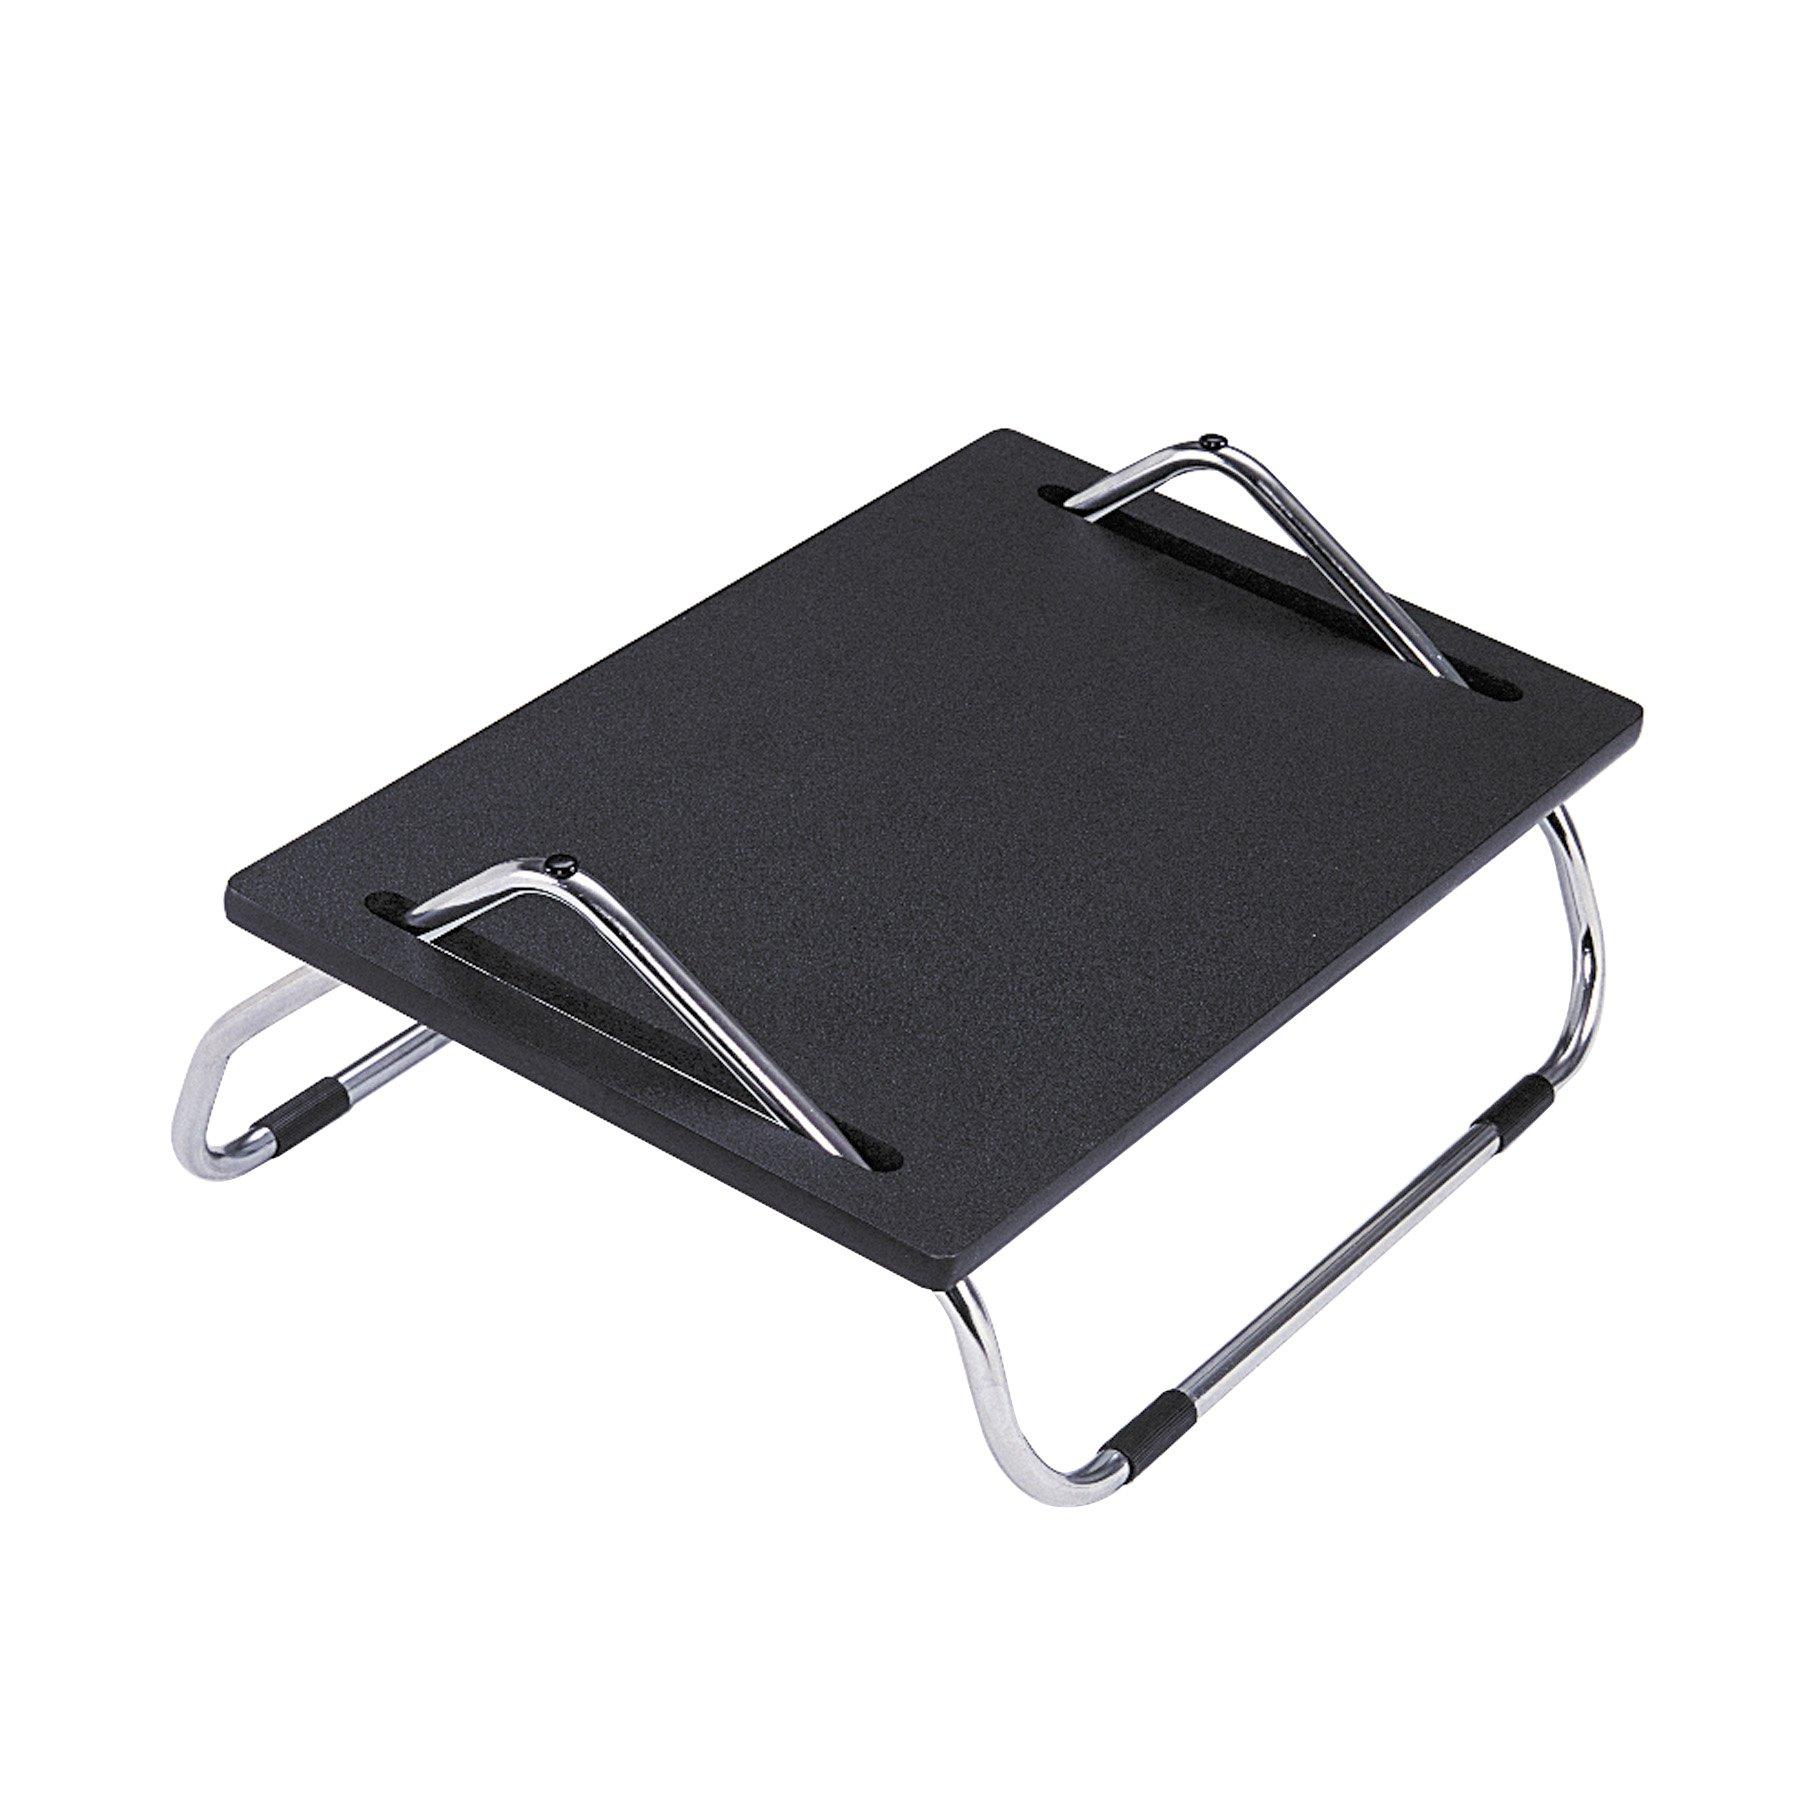 Safco Products 2106 Ergo-Comfort 8'' High Adjustable Footrest, Black